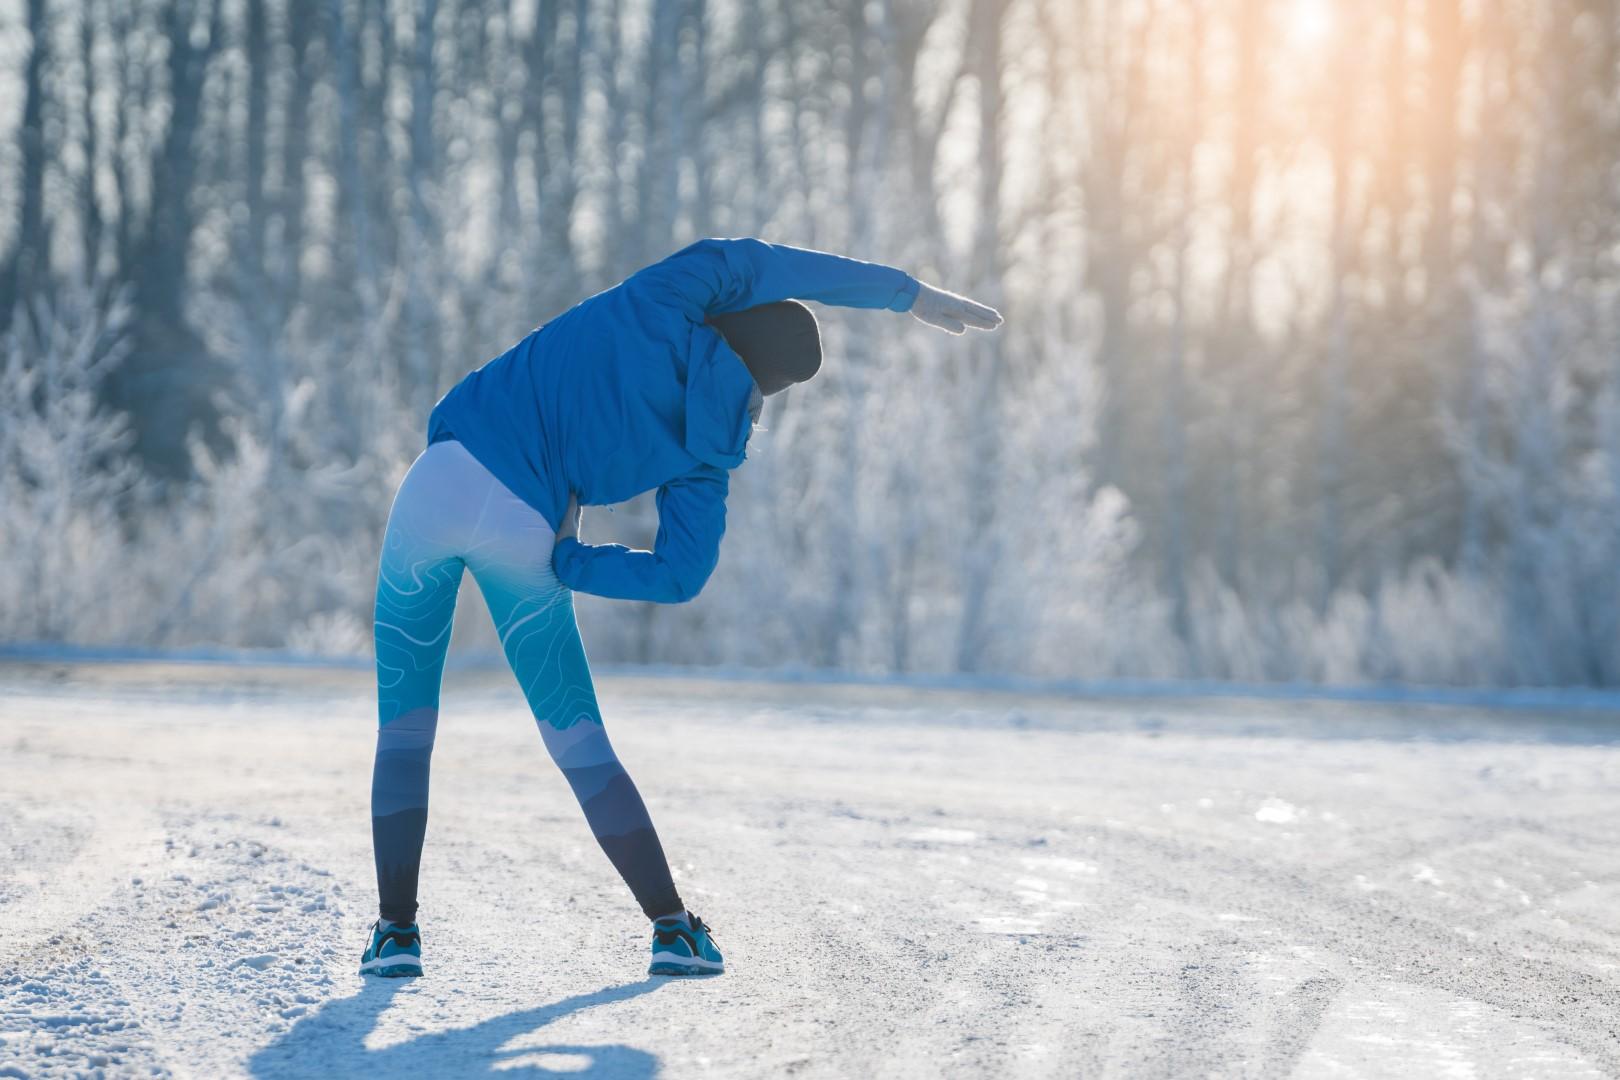 Vježbanje po hladnom vremenu